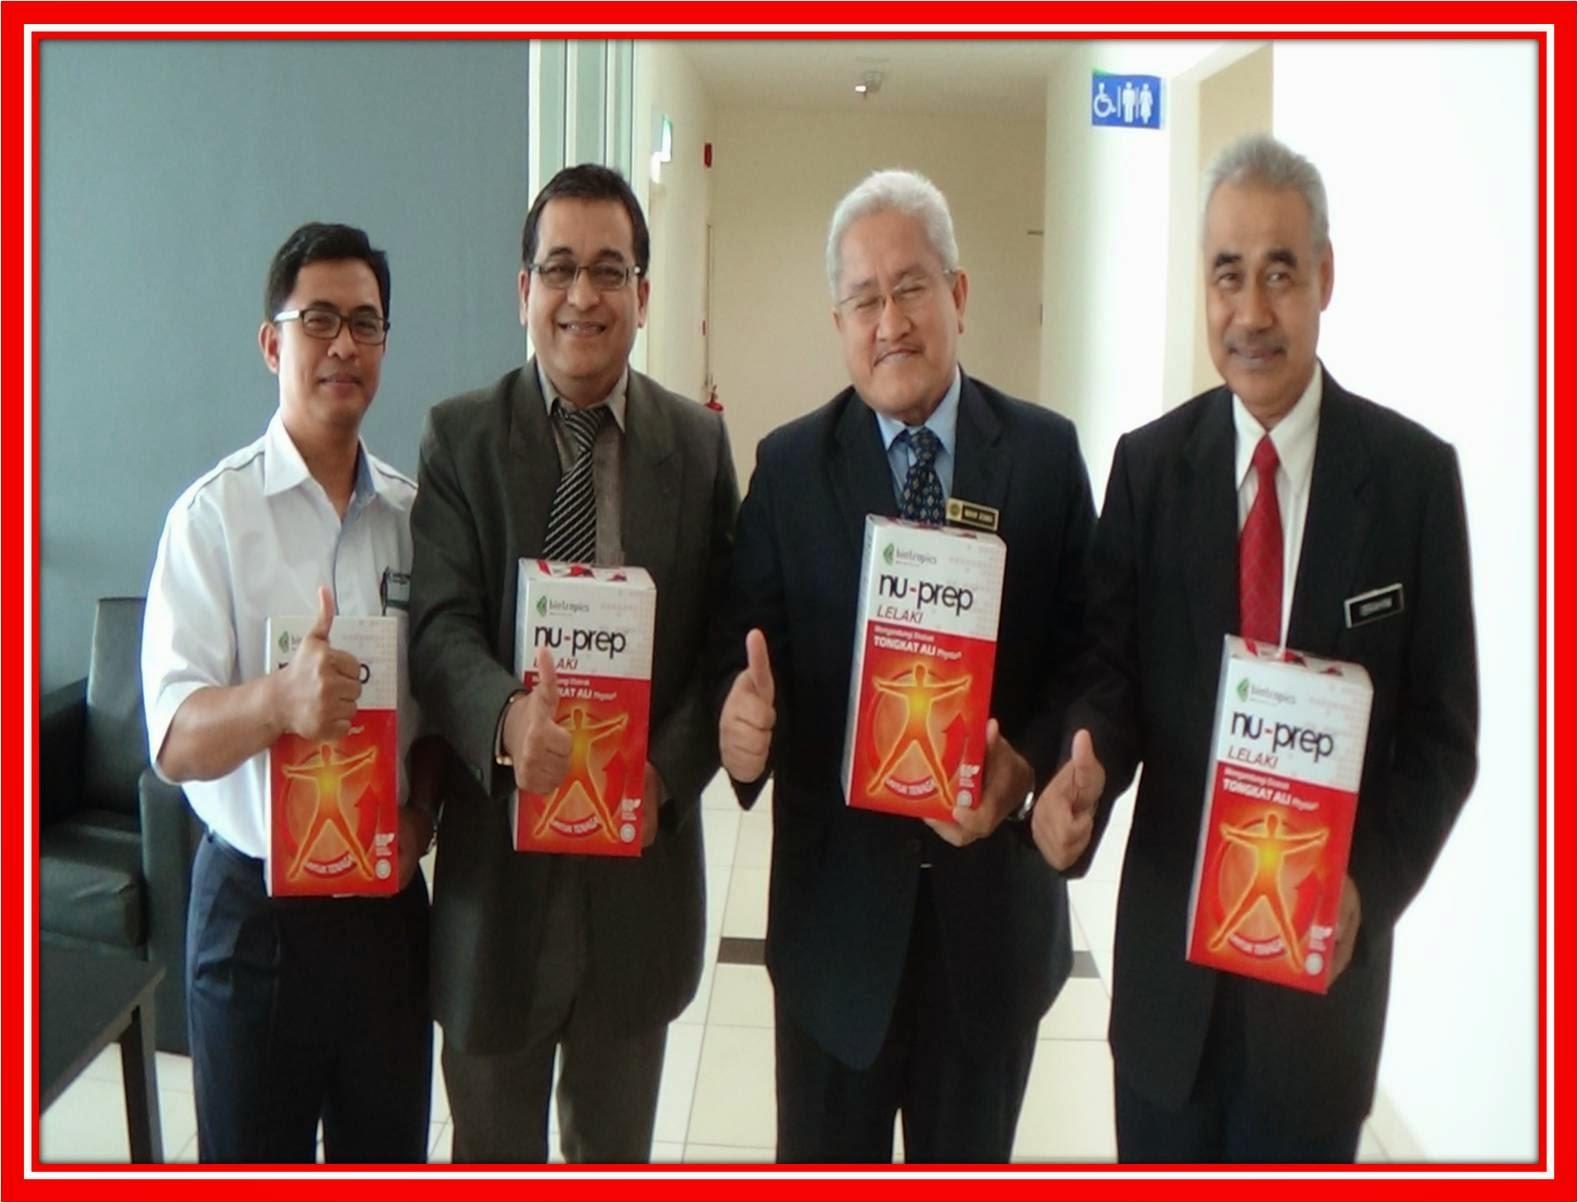 Profesor Ramlan Aziz - ( Director, Universiti Teknologi Malaysia ), NASIHAT / SERTA PESANAN KEPADA